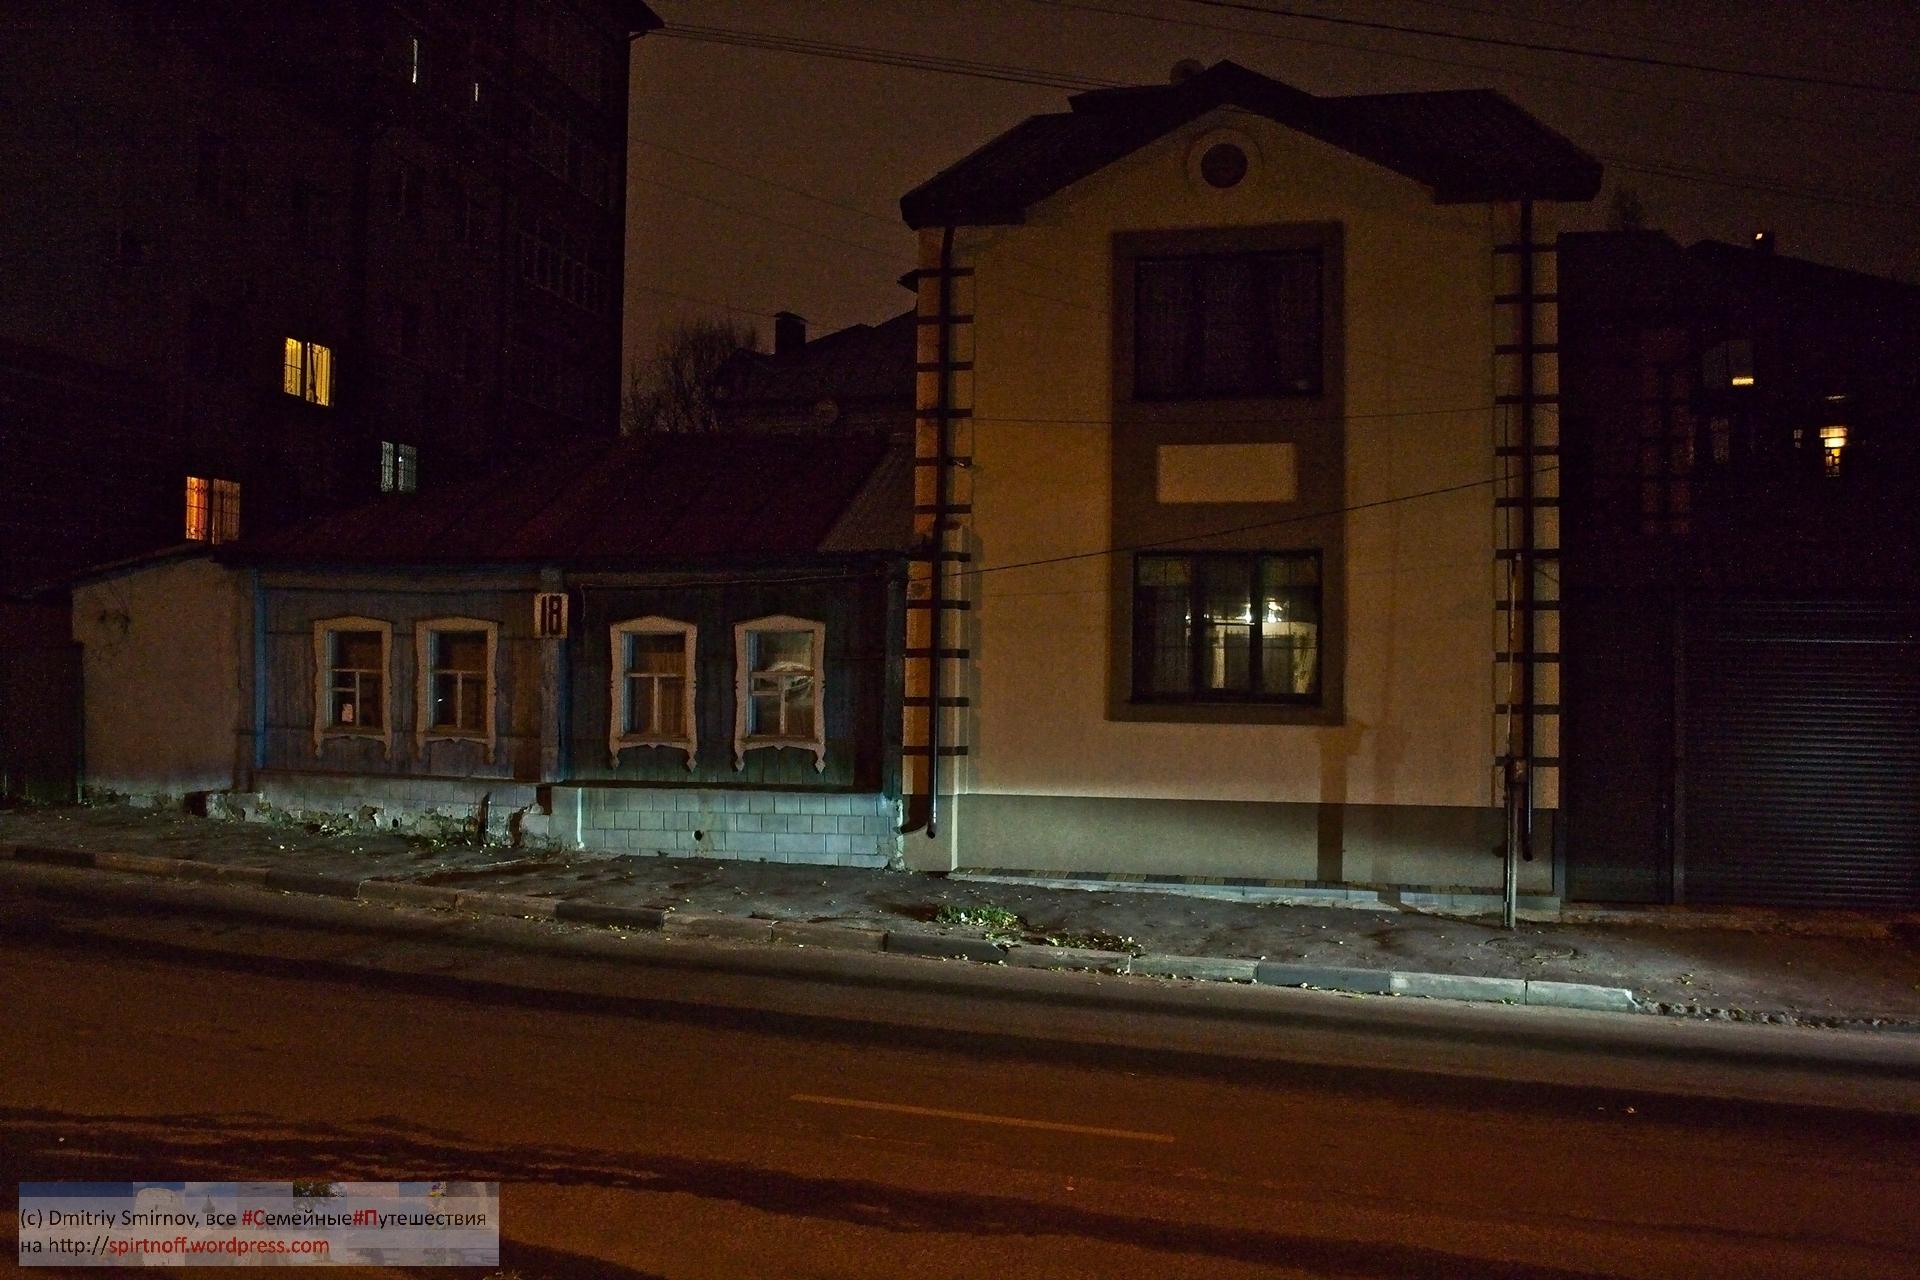 DSC_8831-15-Blog-210 Путешествия  Воронеж. Портал в соседнее измерение